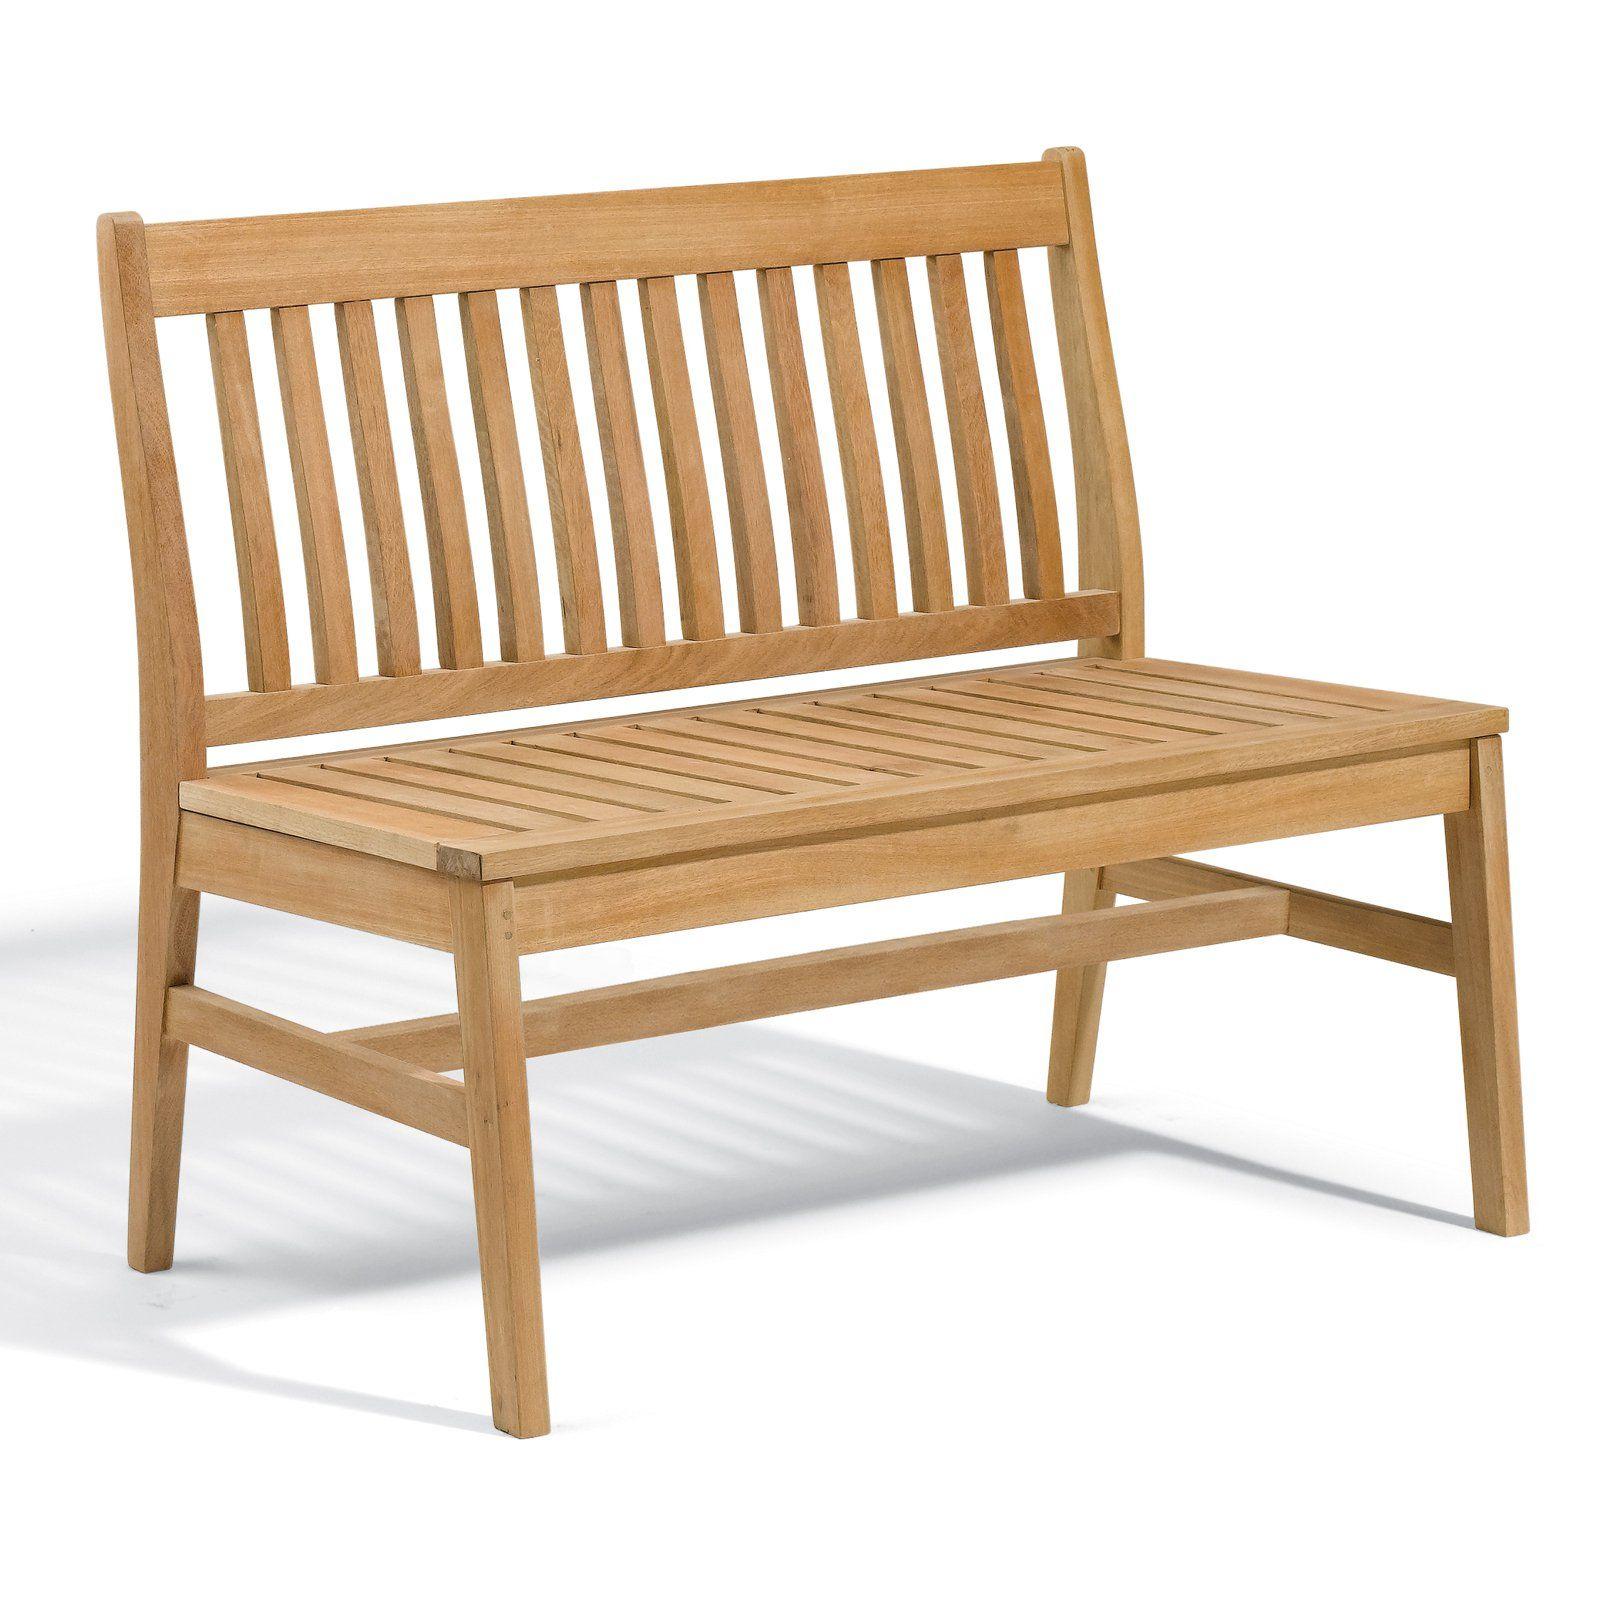 Outdoor Oxford Garden Wexford 43 in. Shorea Wood Bench ...